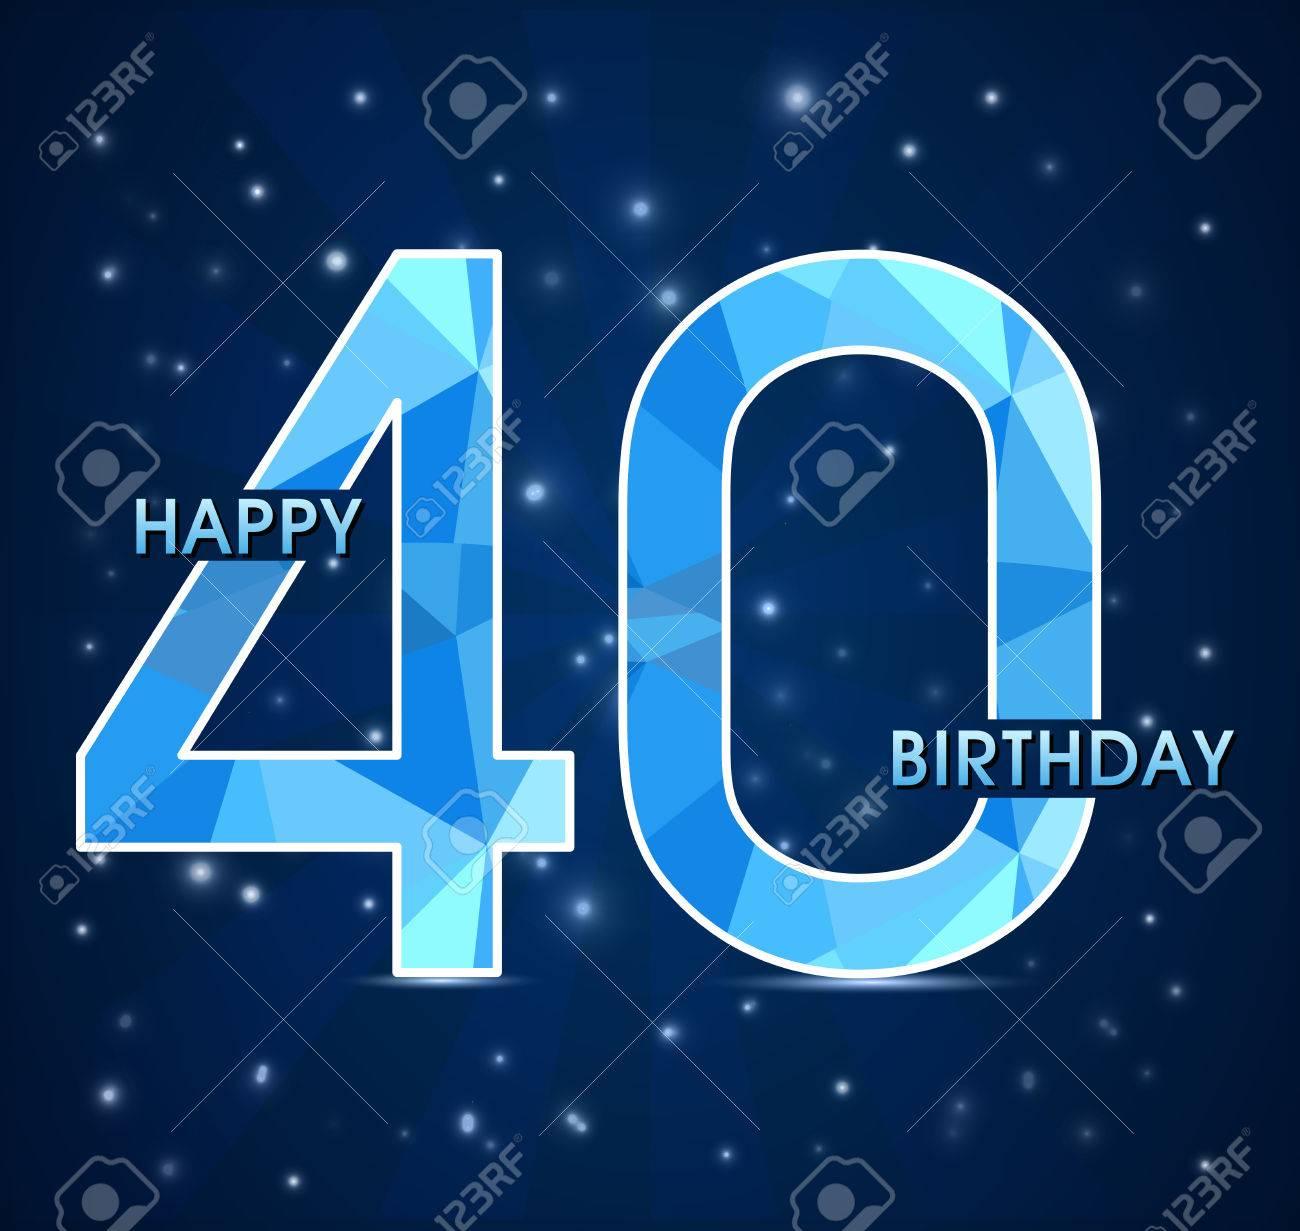 Festa Compleanno 40 Anni etichetta festa di compleanno 40 anni, 40 ° anniversario poligono  decorativo emblema - illustrazione vettoriale